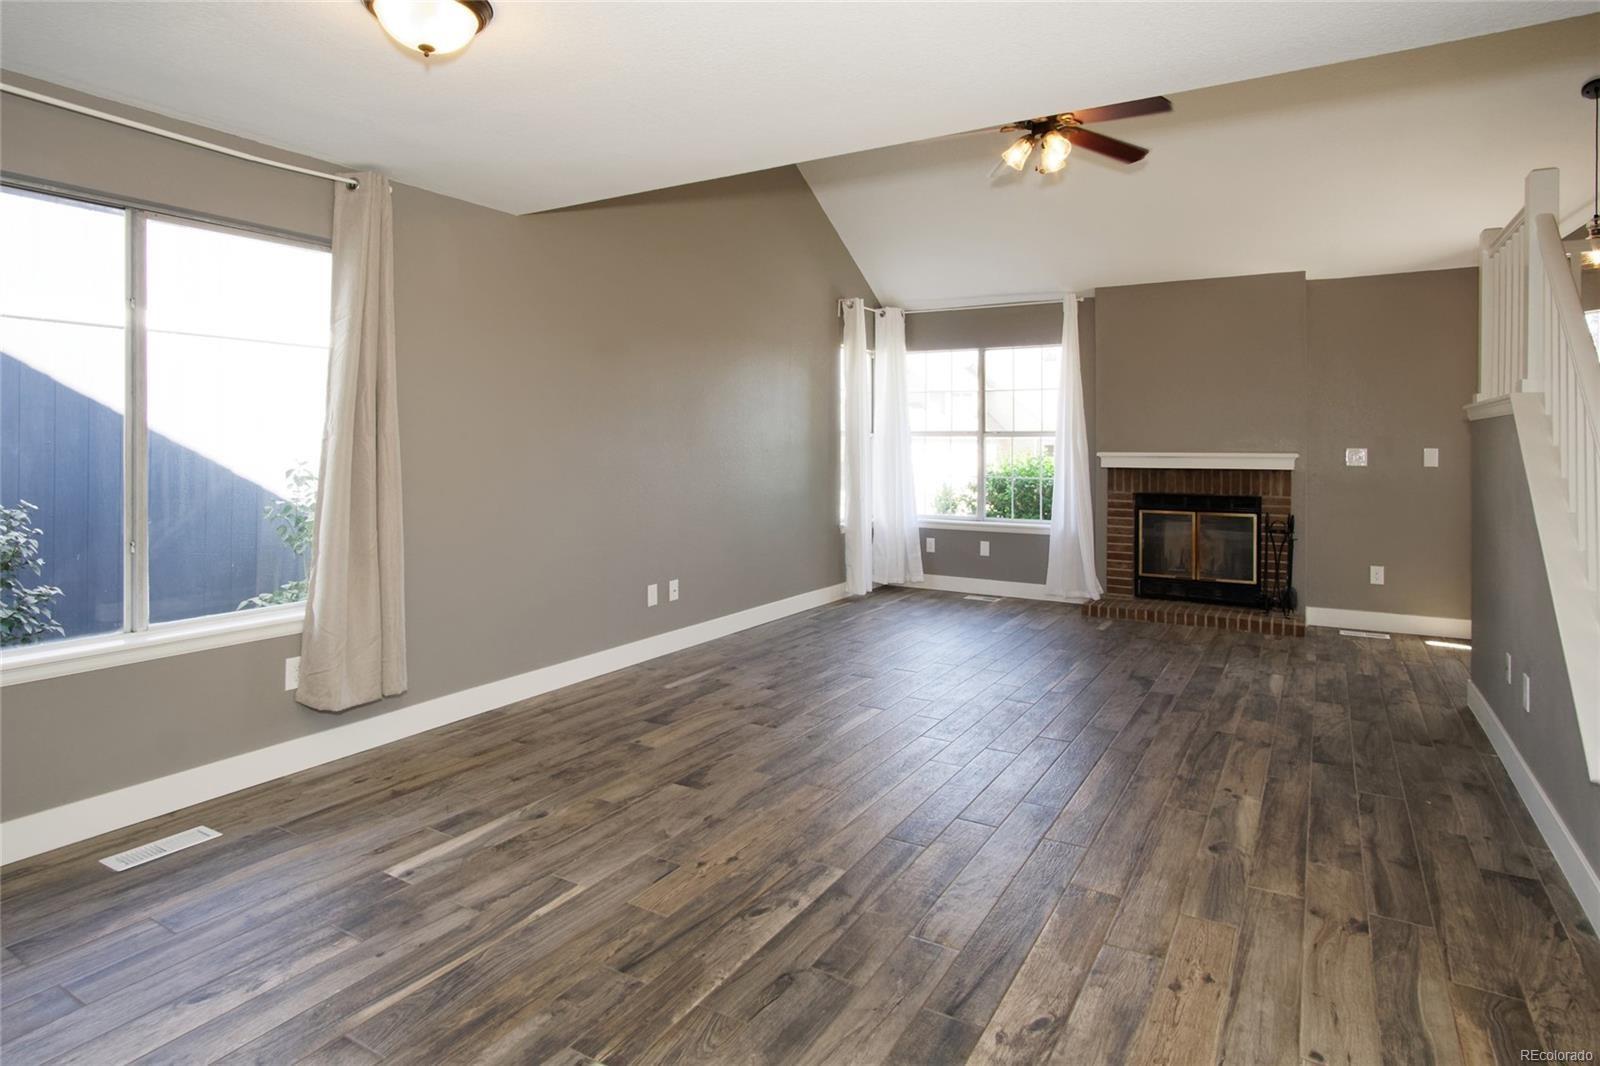 MLS# 6343588 - 8 - 522 Lindenwood Court, Highlands Ranch, CO 80126